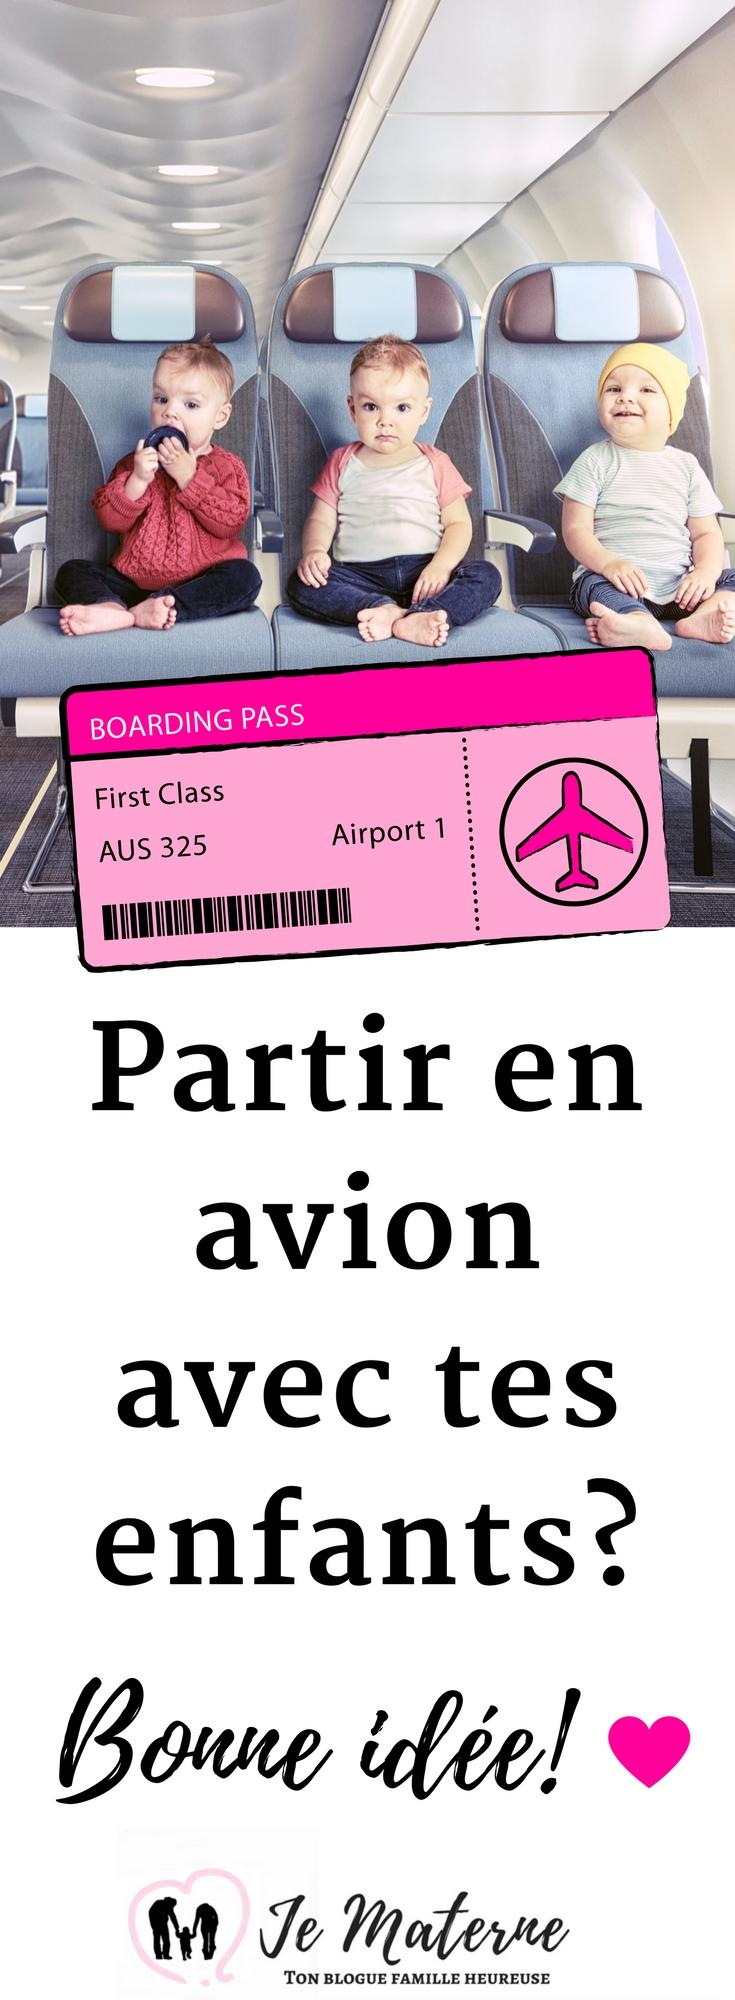 À LIRE - Partir en avion avec tes enfants, c'est quoi l'idée! Clique sur l'image pour tout lire ou visite http://jematerne.com/2018/01/30/partir-avion-enfants